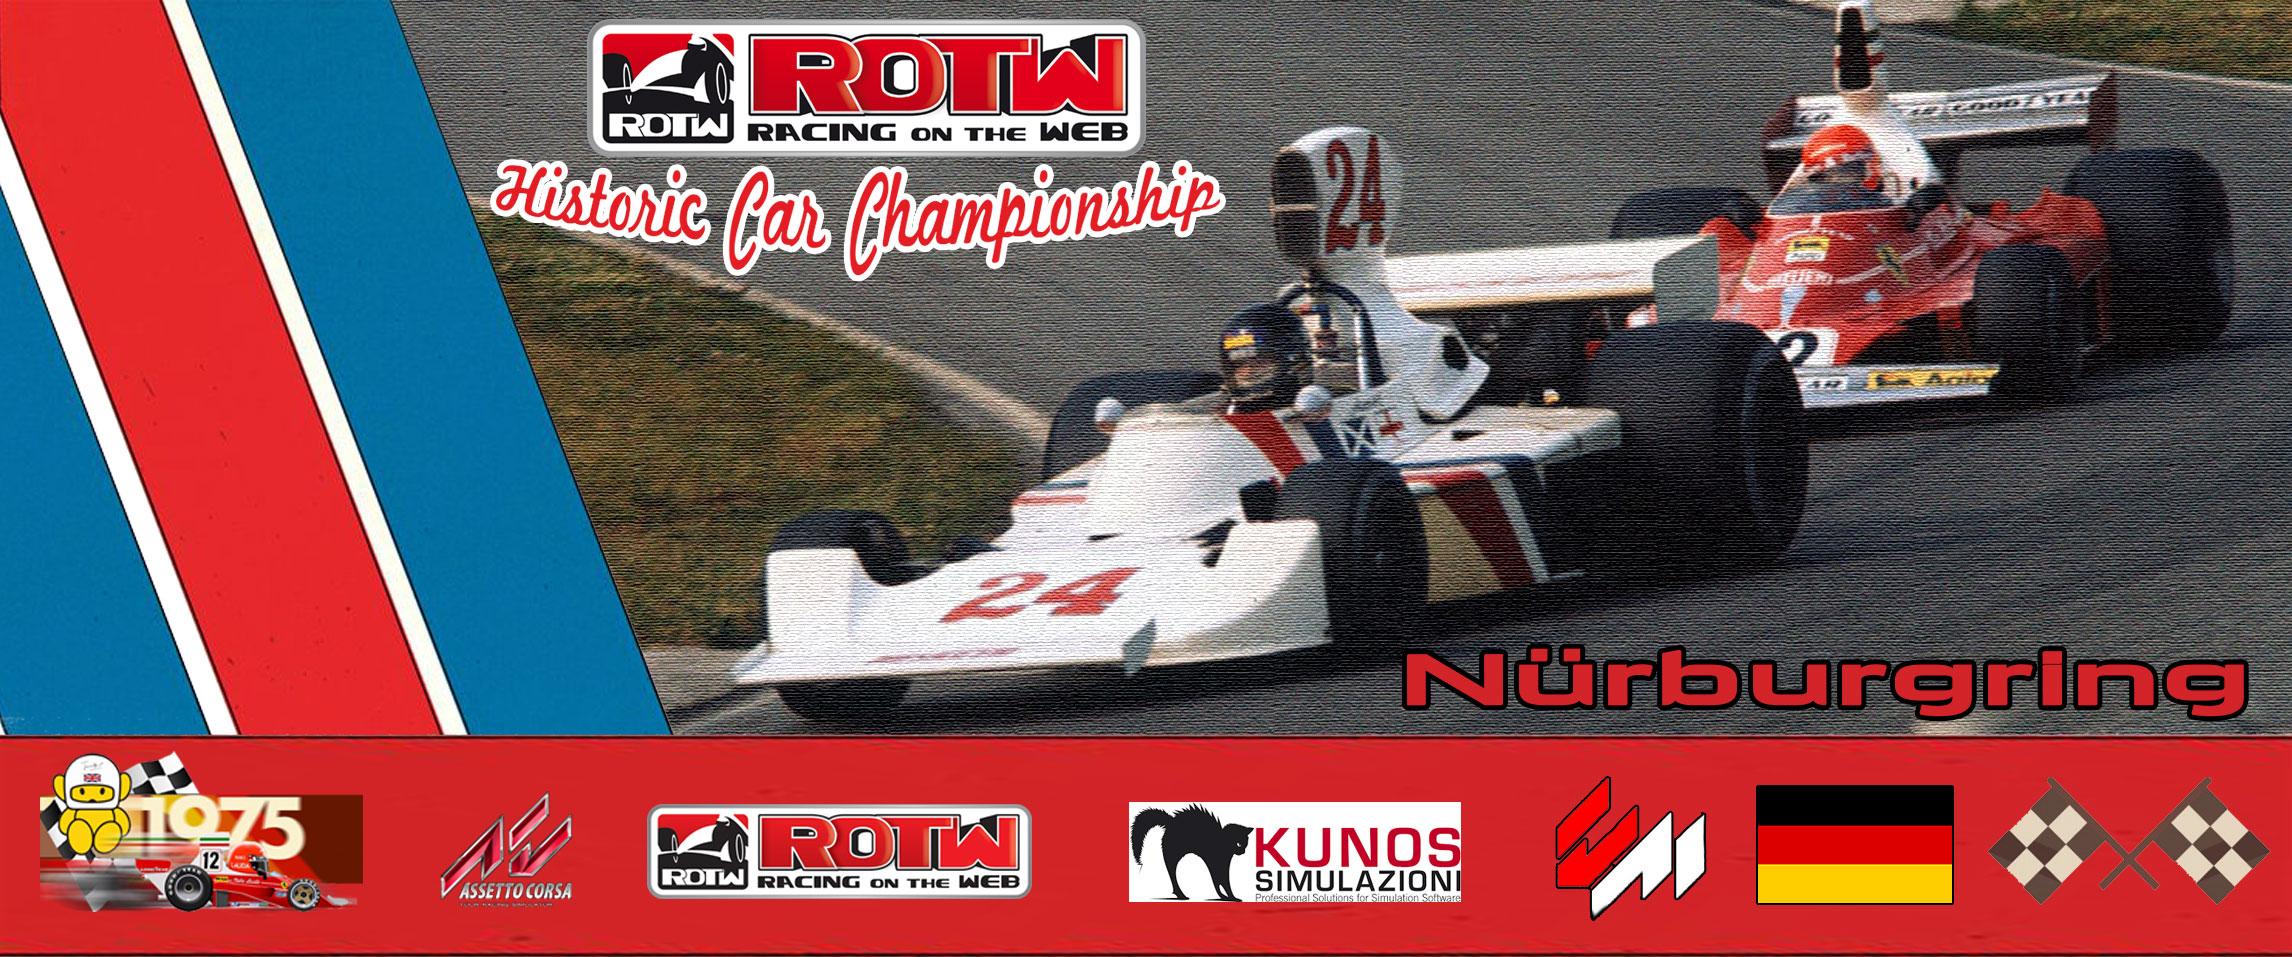 locandinaNurburgring.jpg